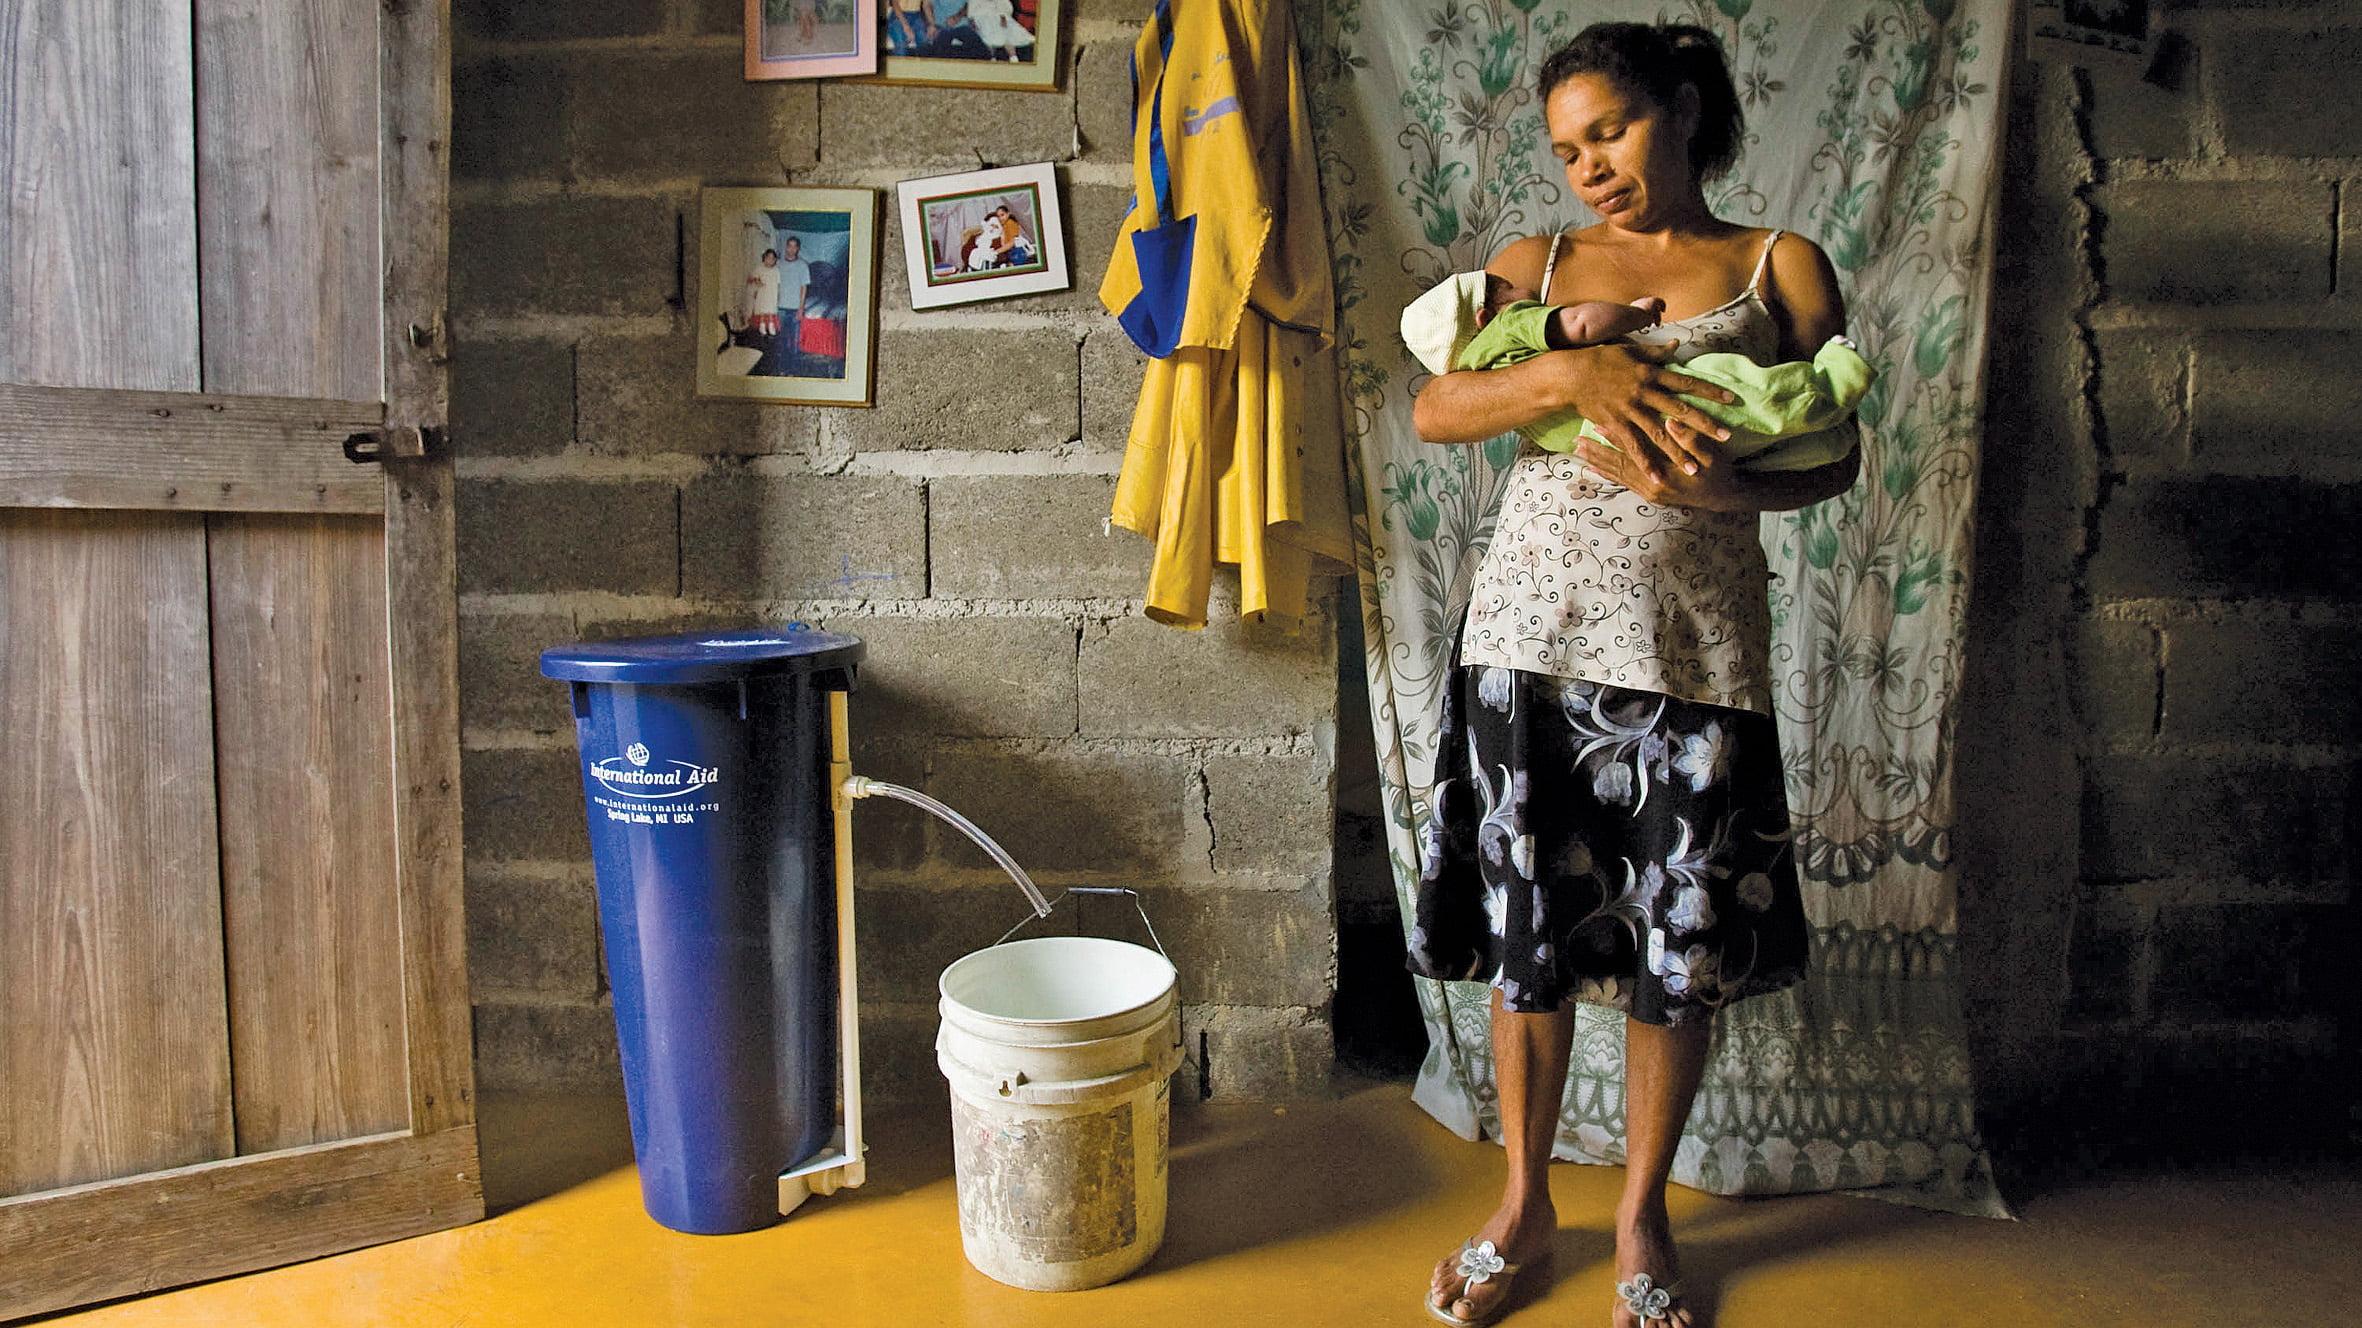 Dominicanas del barrio del 27 de febrero - 3 8